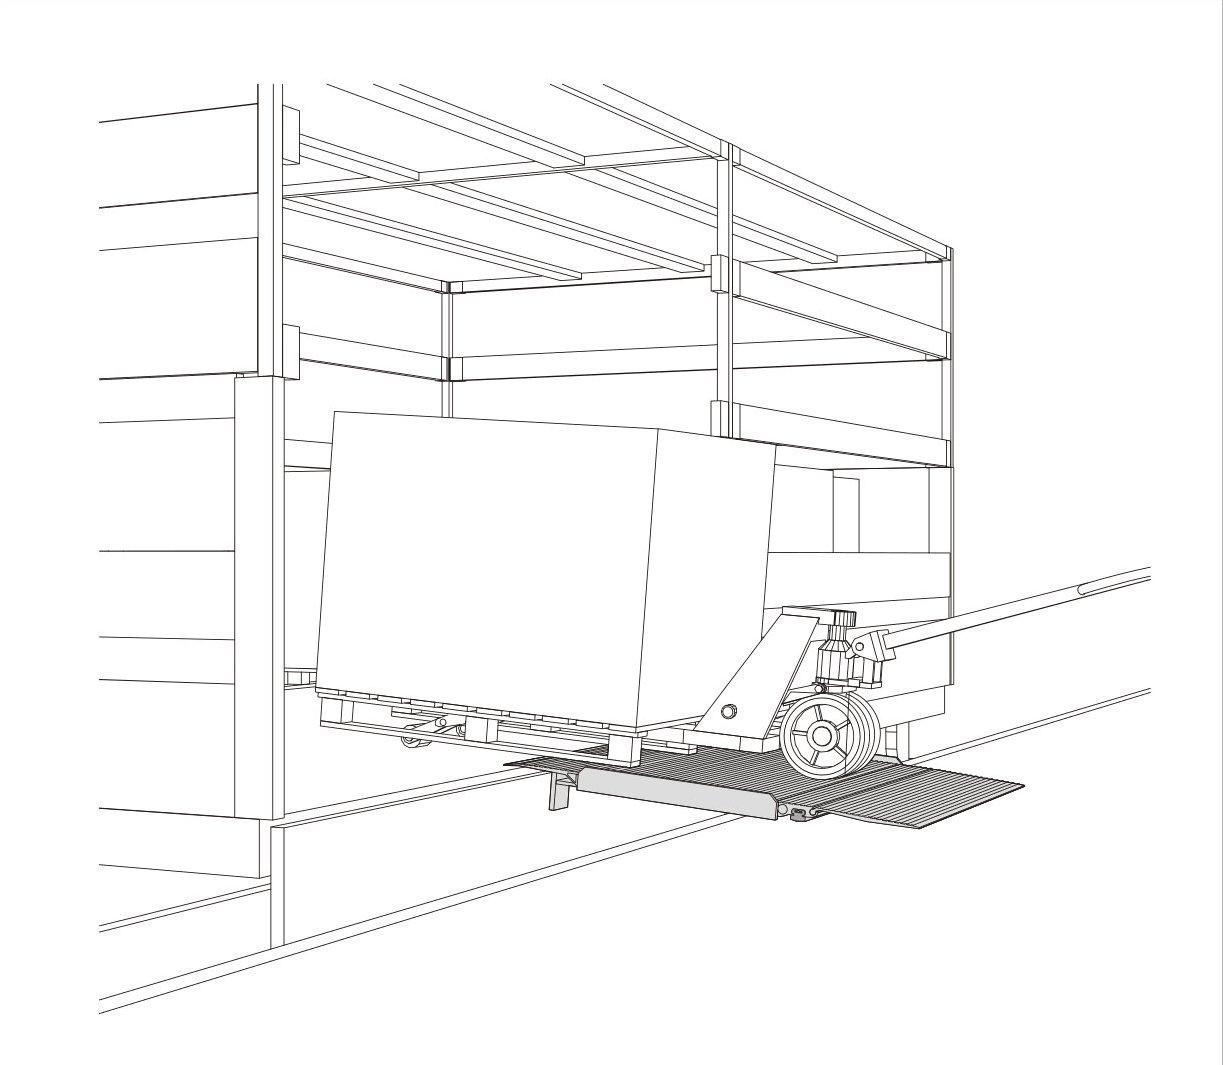 Dockleveller-Aluminum (LB-A)